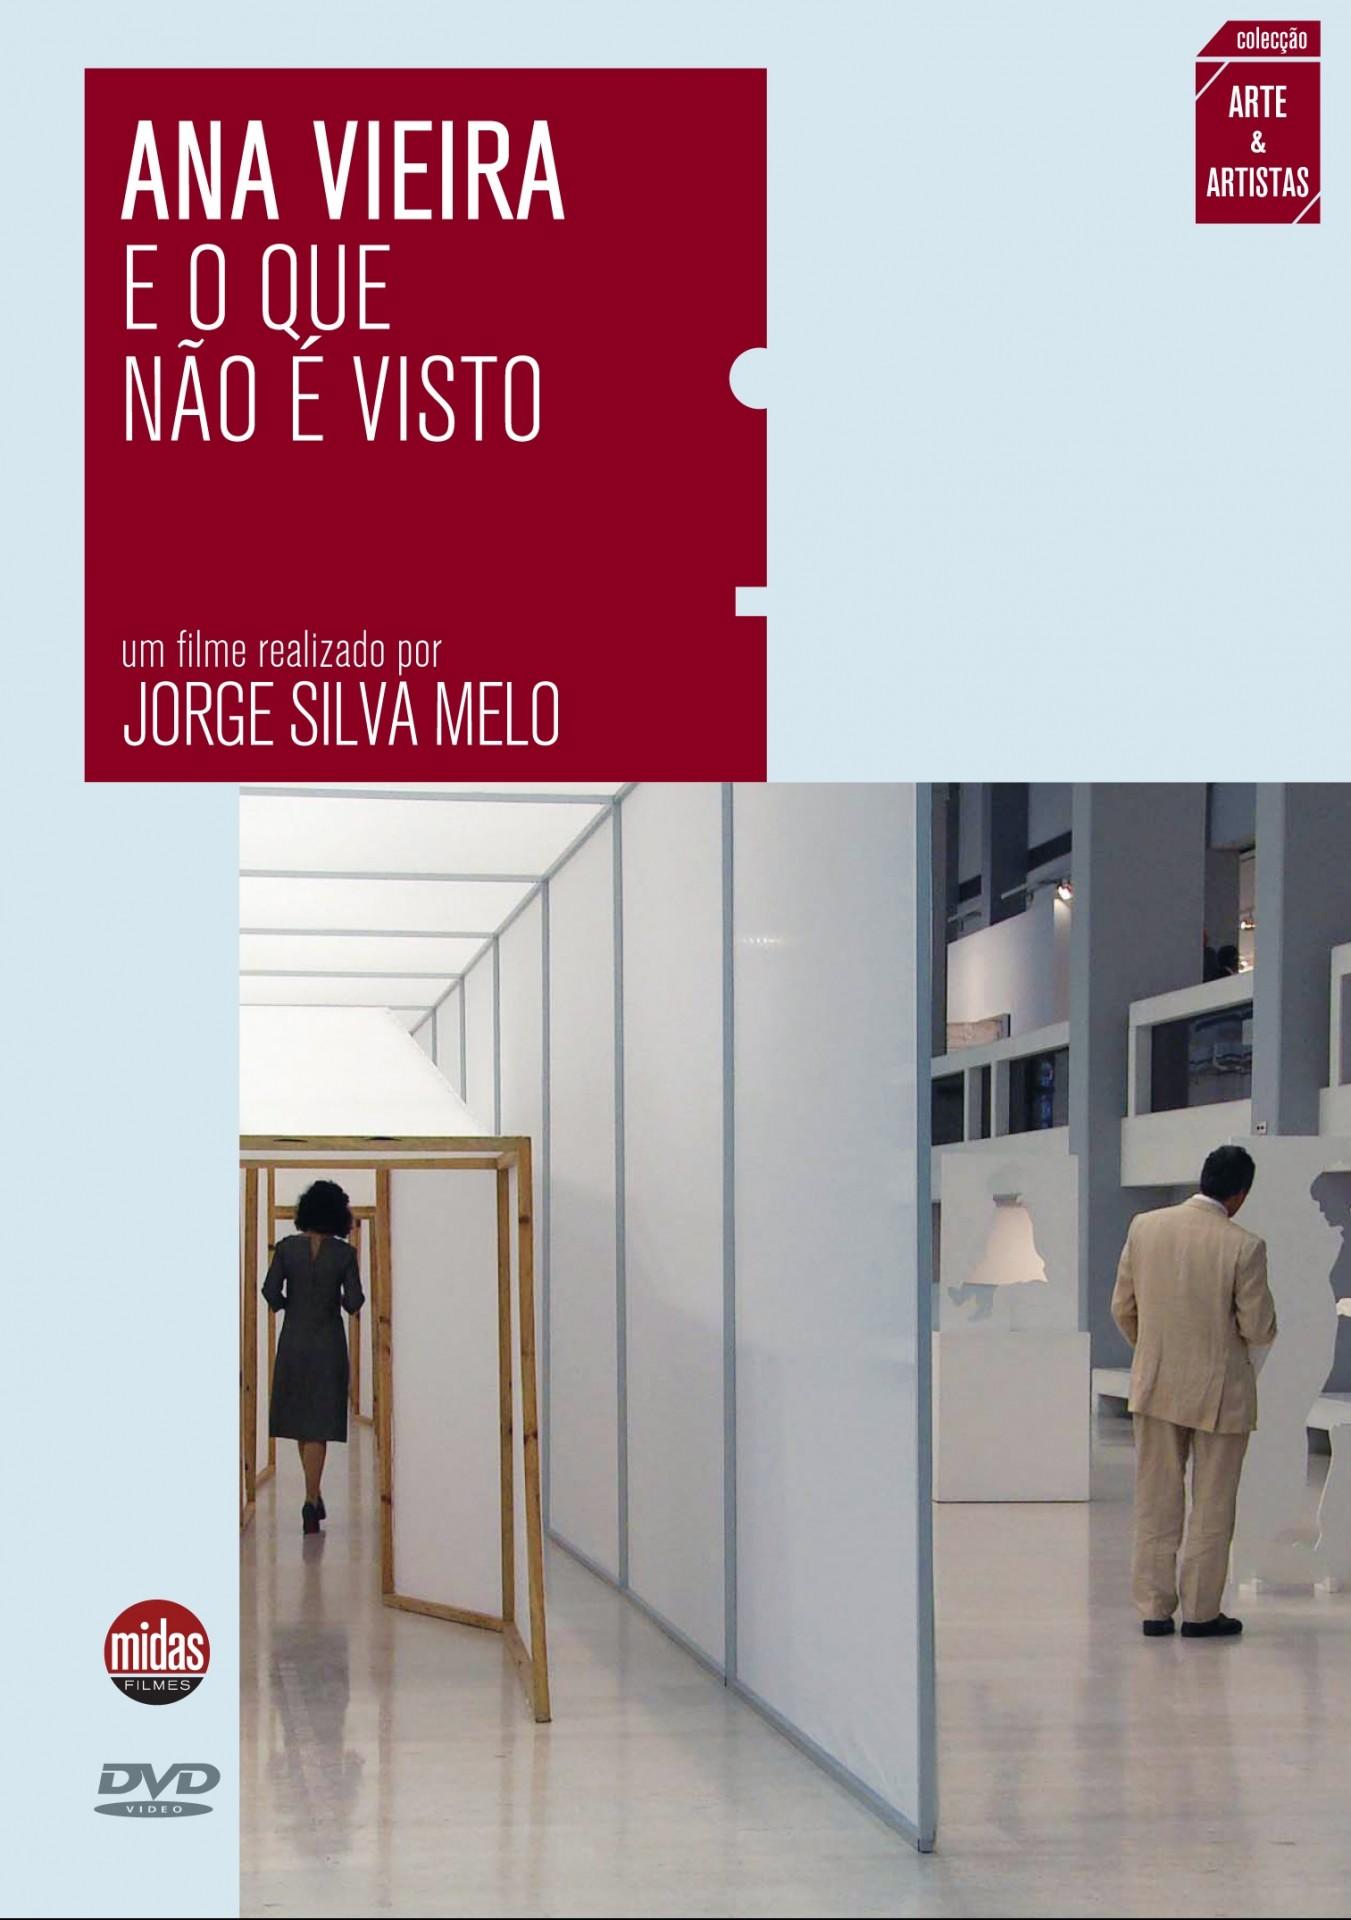 Ana Vieira: e o que não é visto